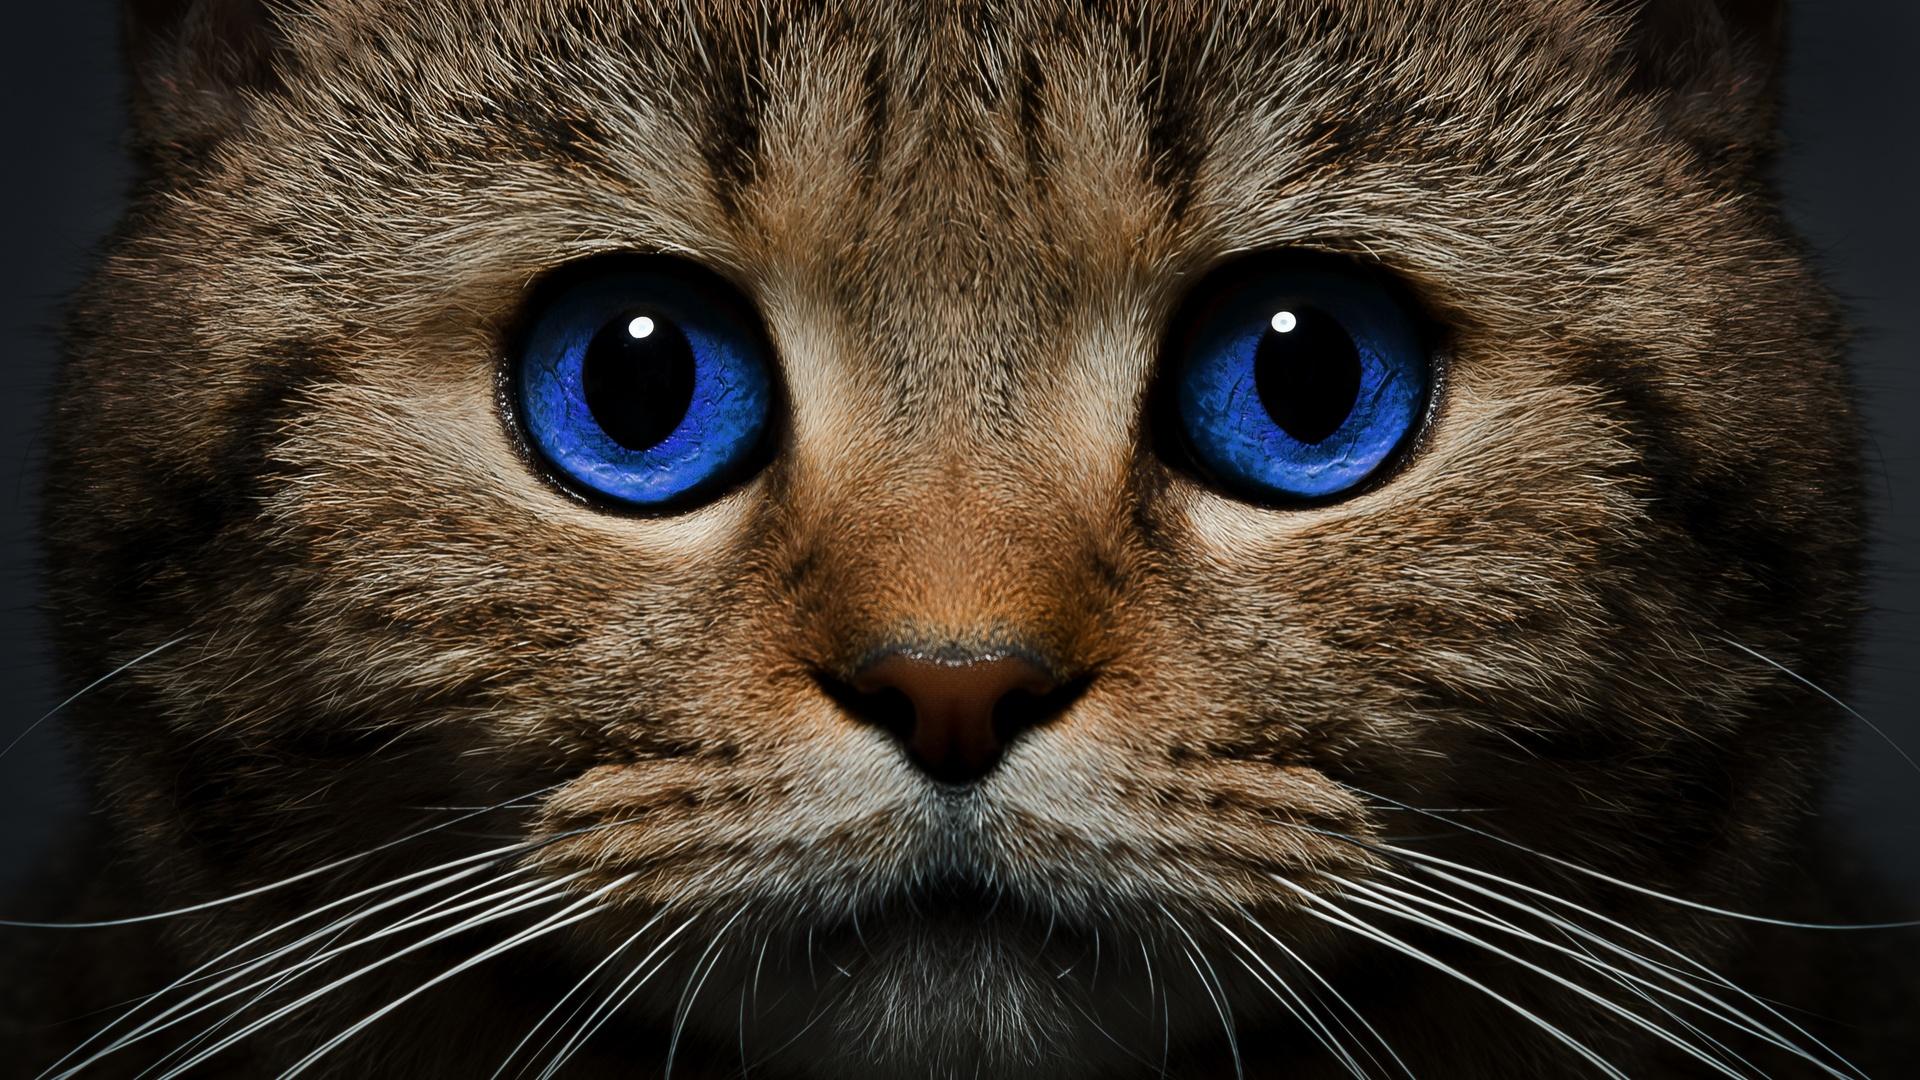 Смотреть красивые картинки кошки